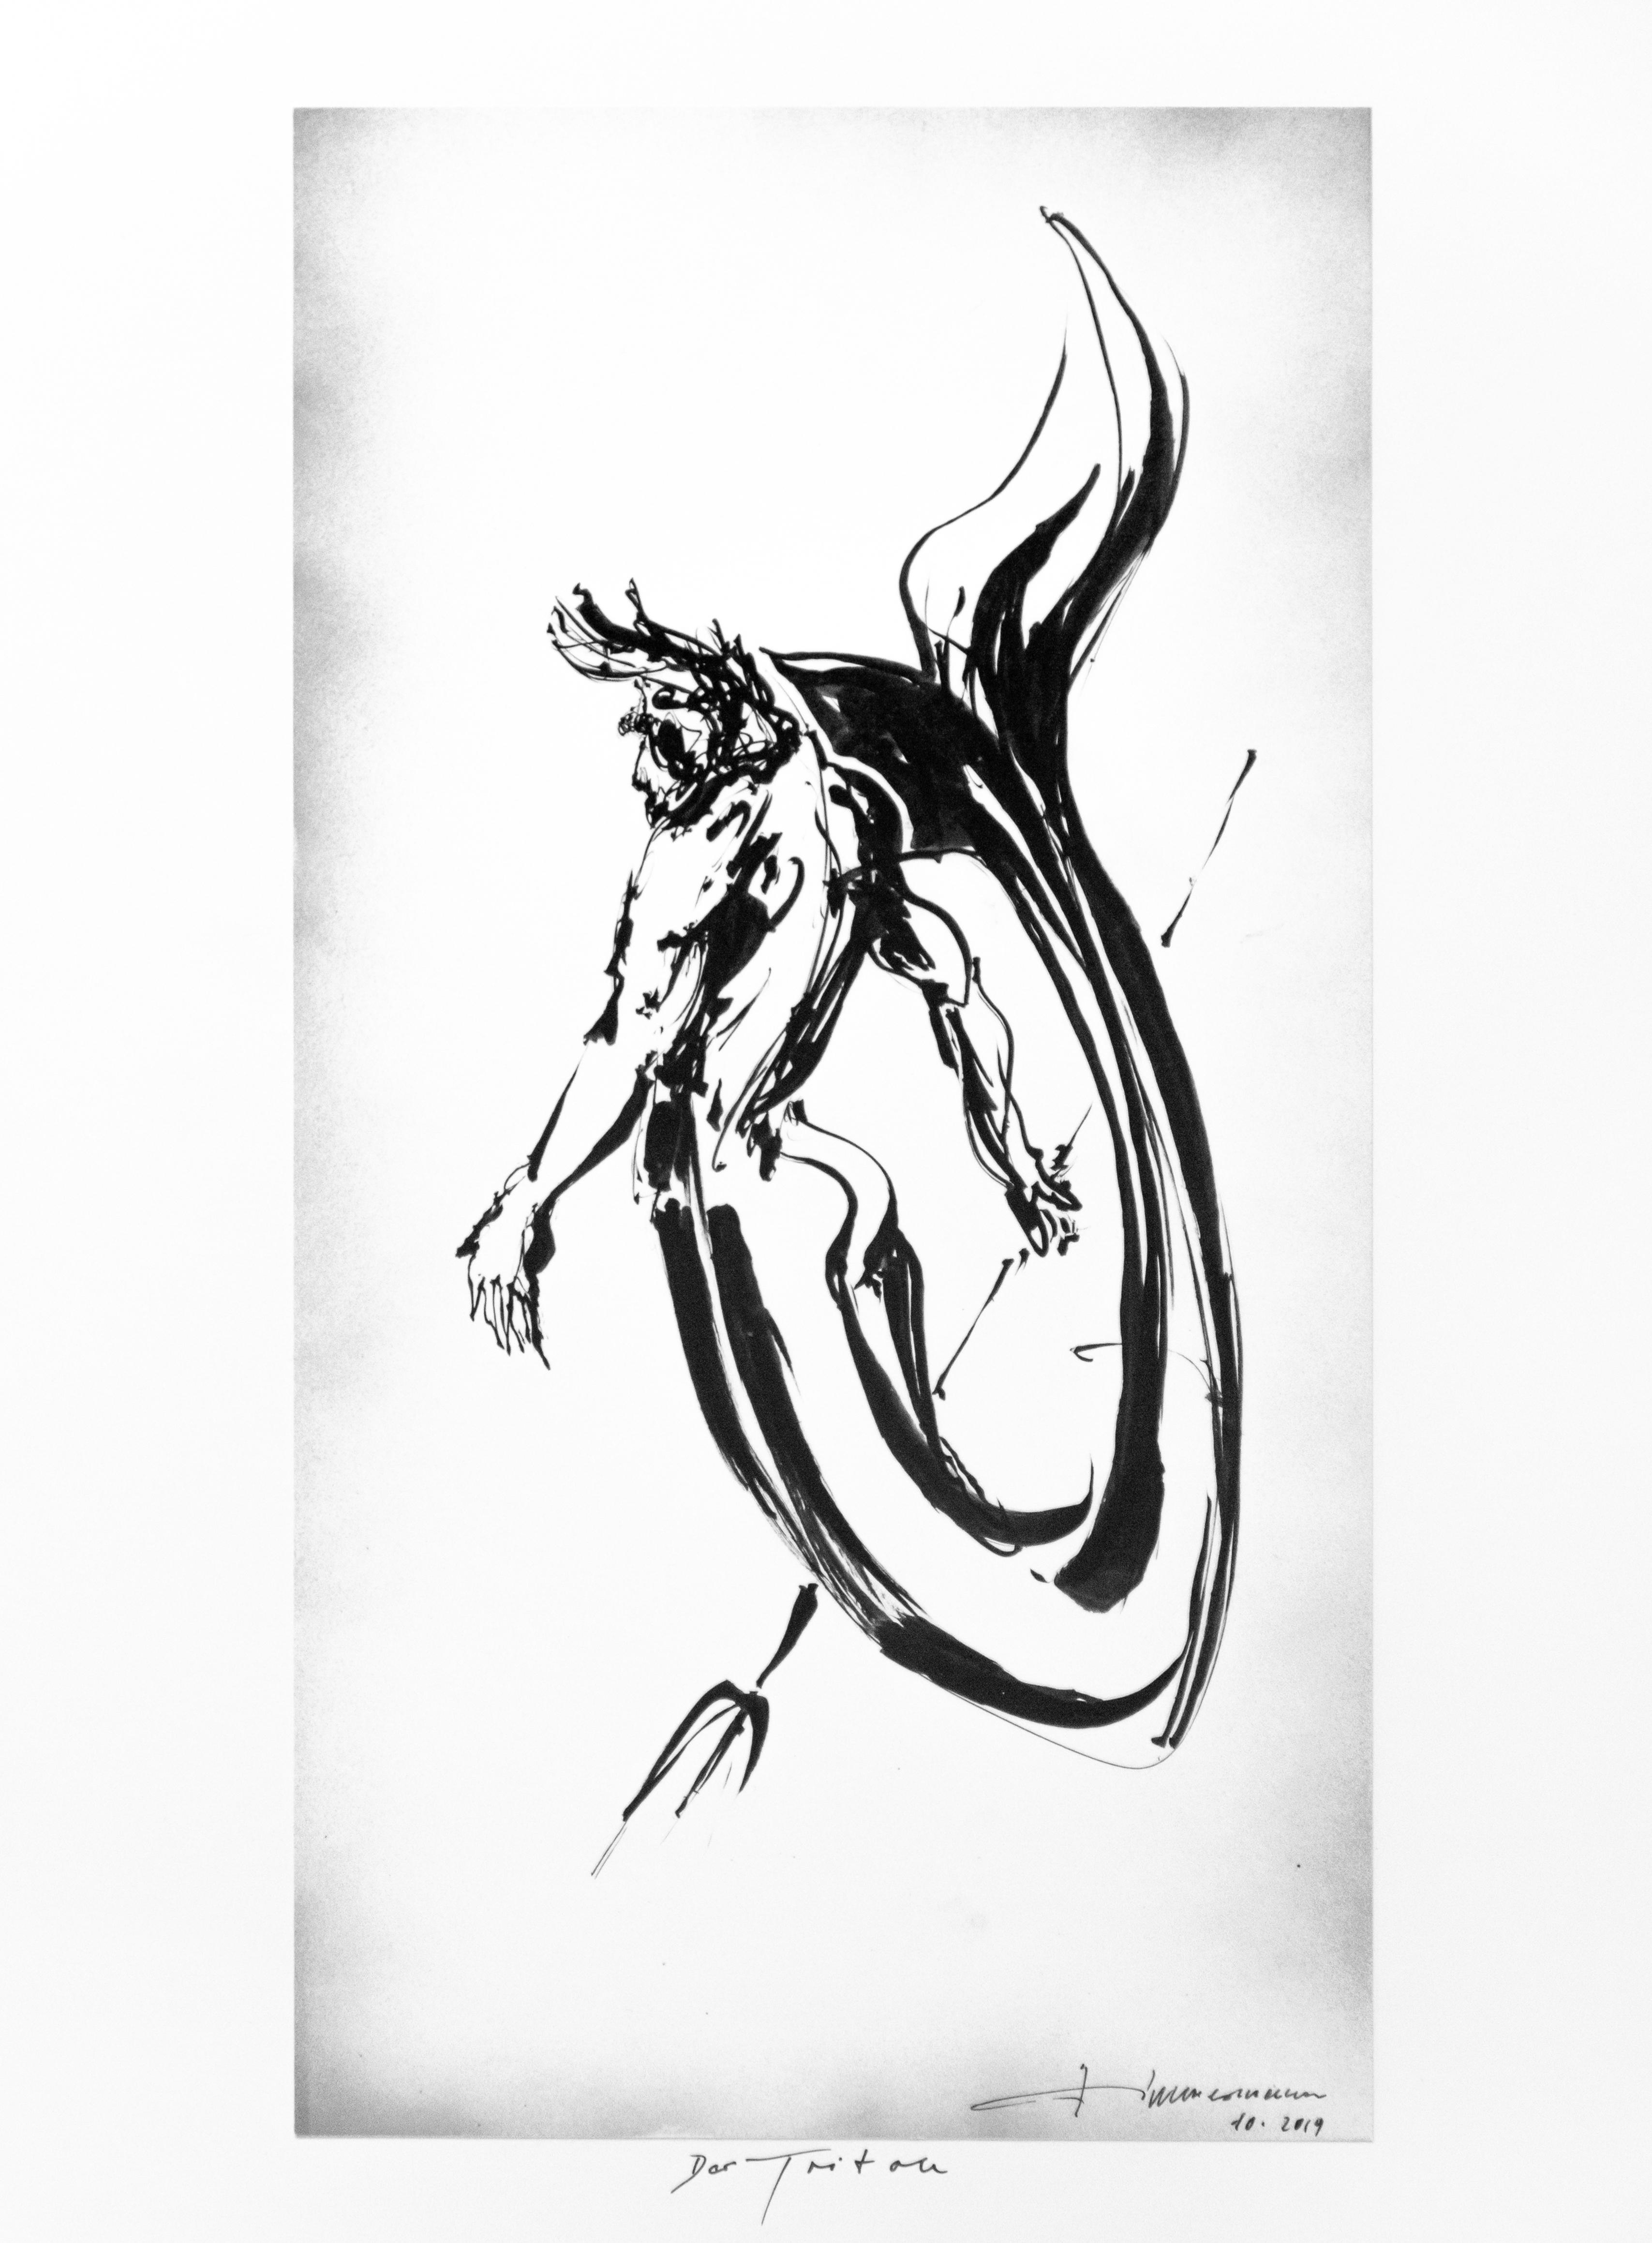 Der Triton